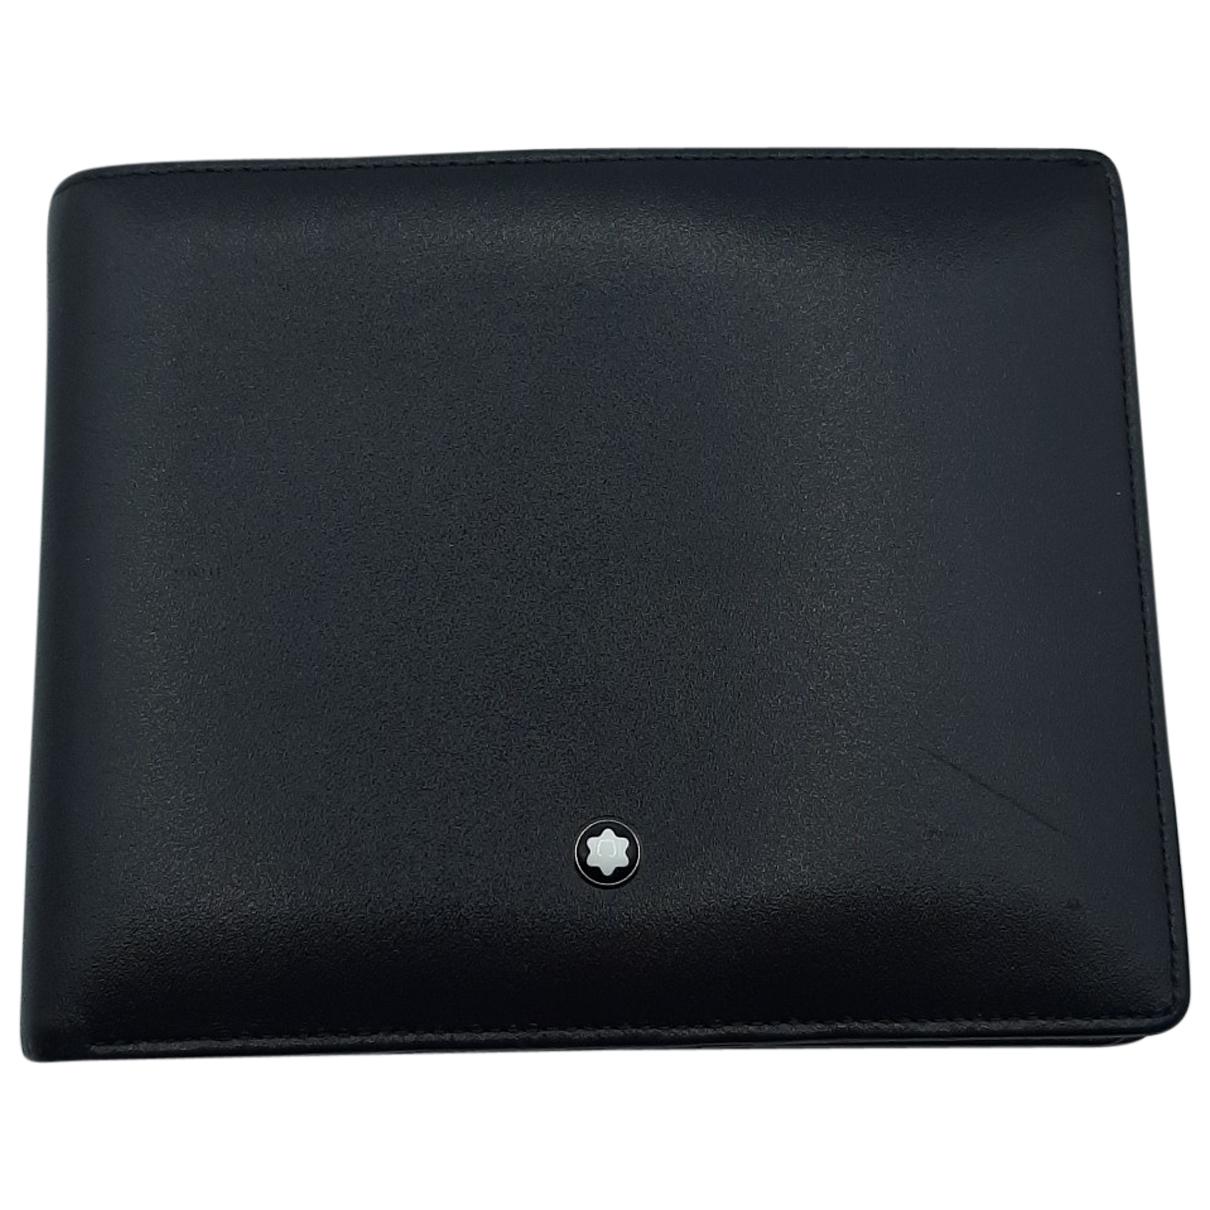 Montblanc - Portefeuille   pour femme en cuir - noir